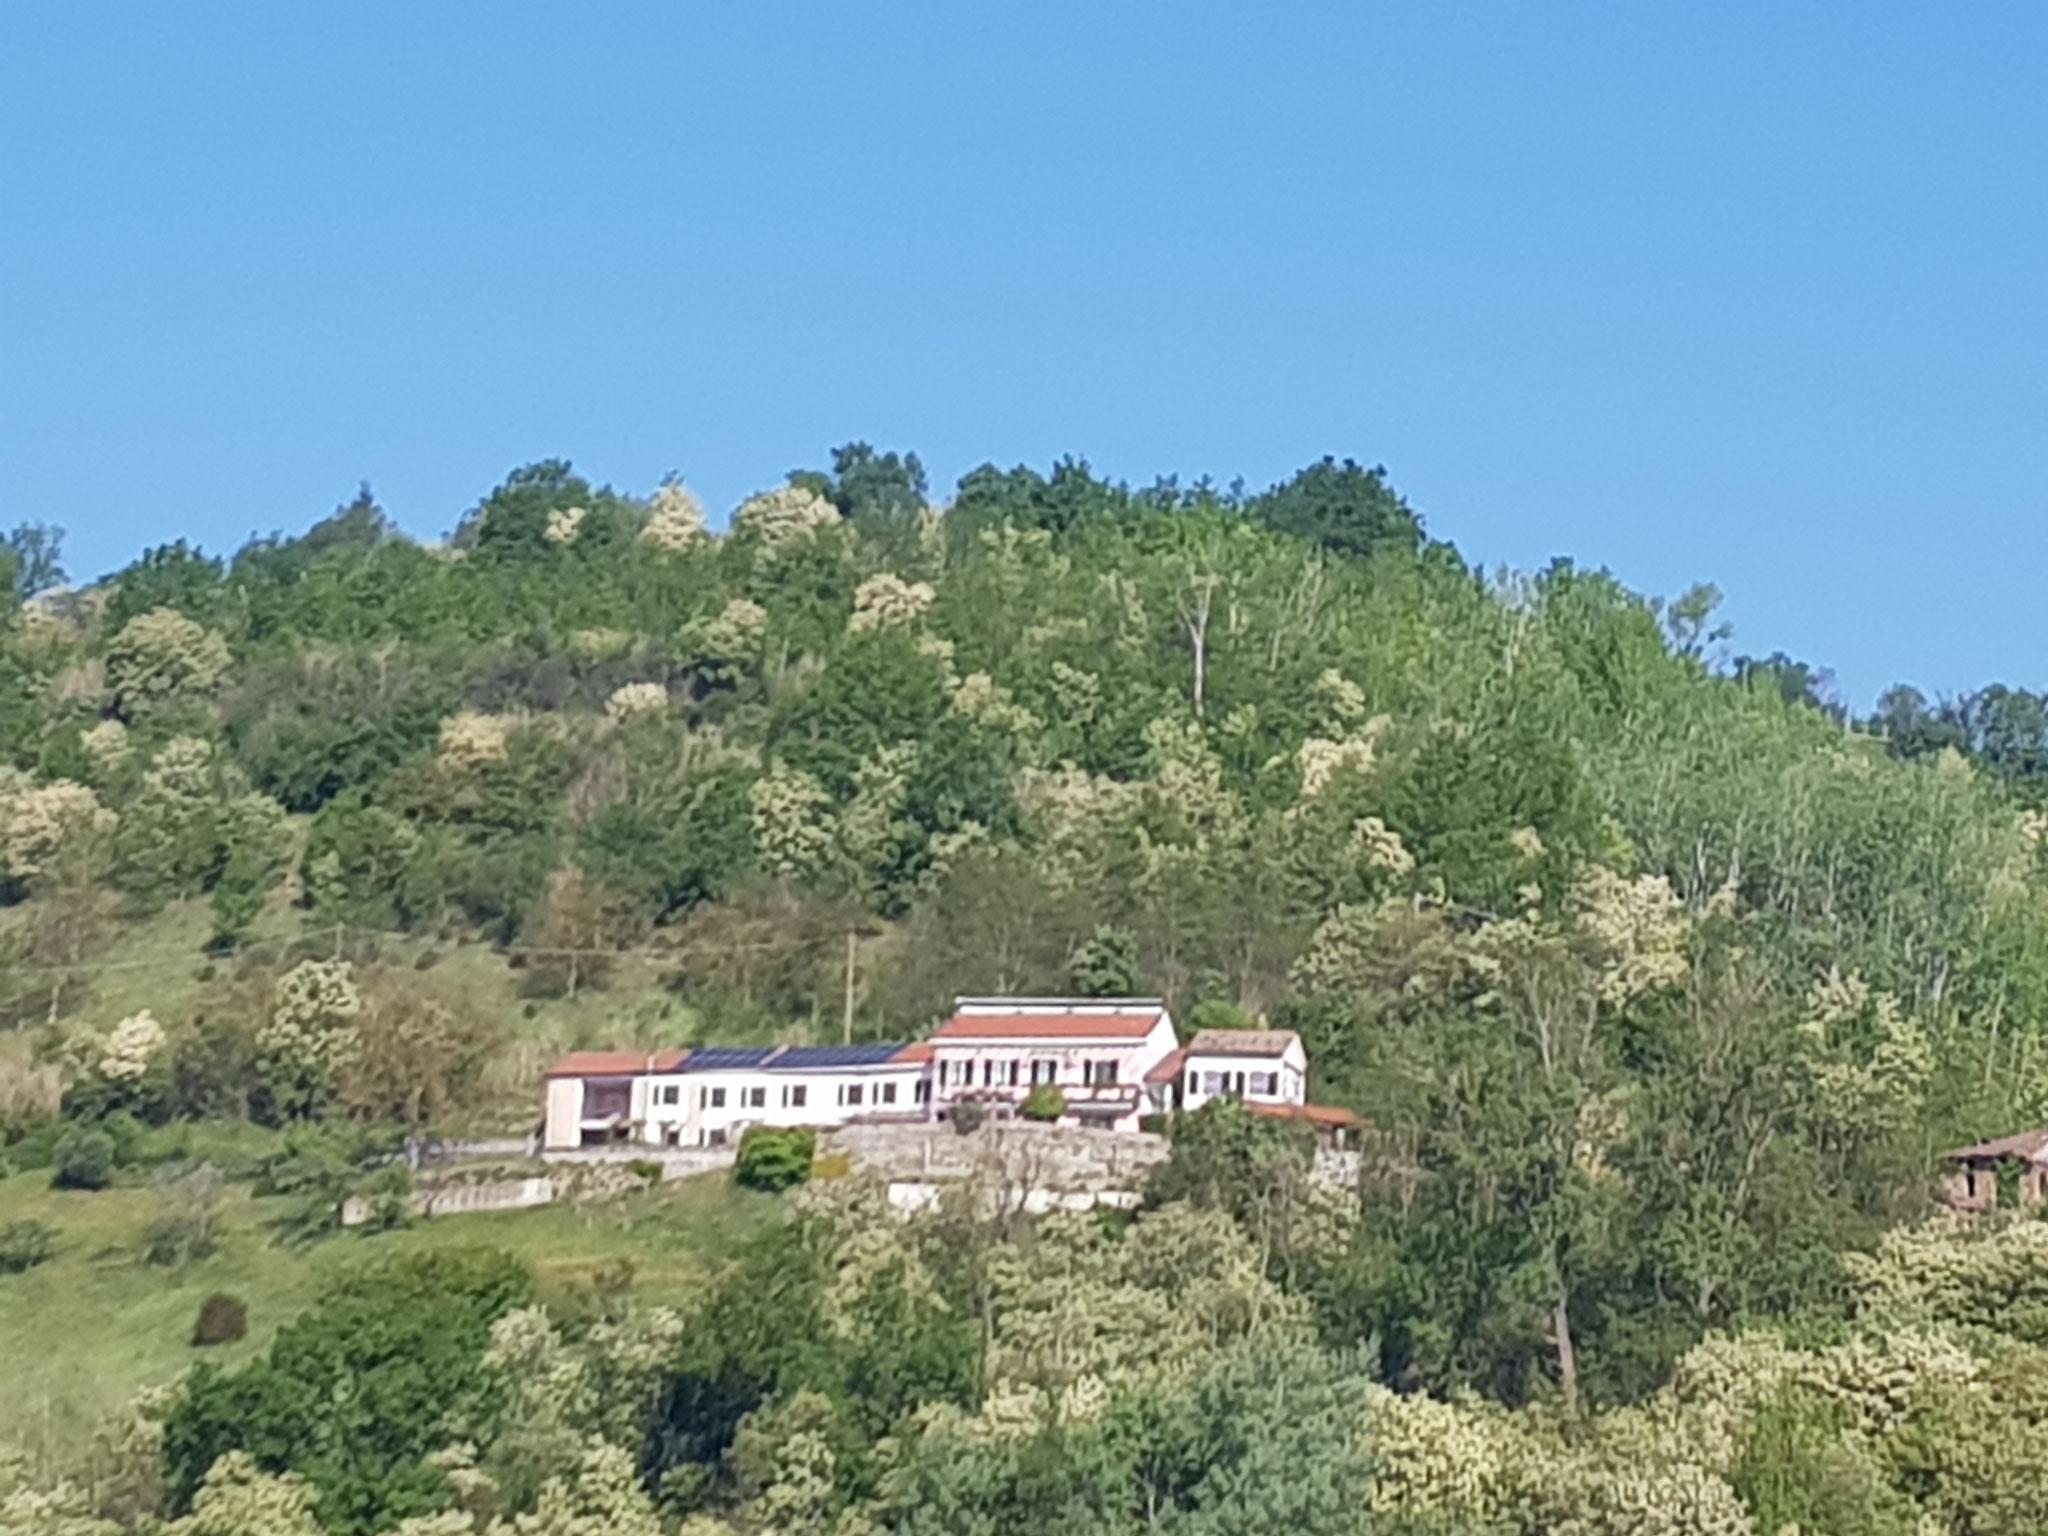 Unsere Casa vom Hügel vis-à-vis aus gesehen.